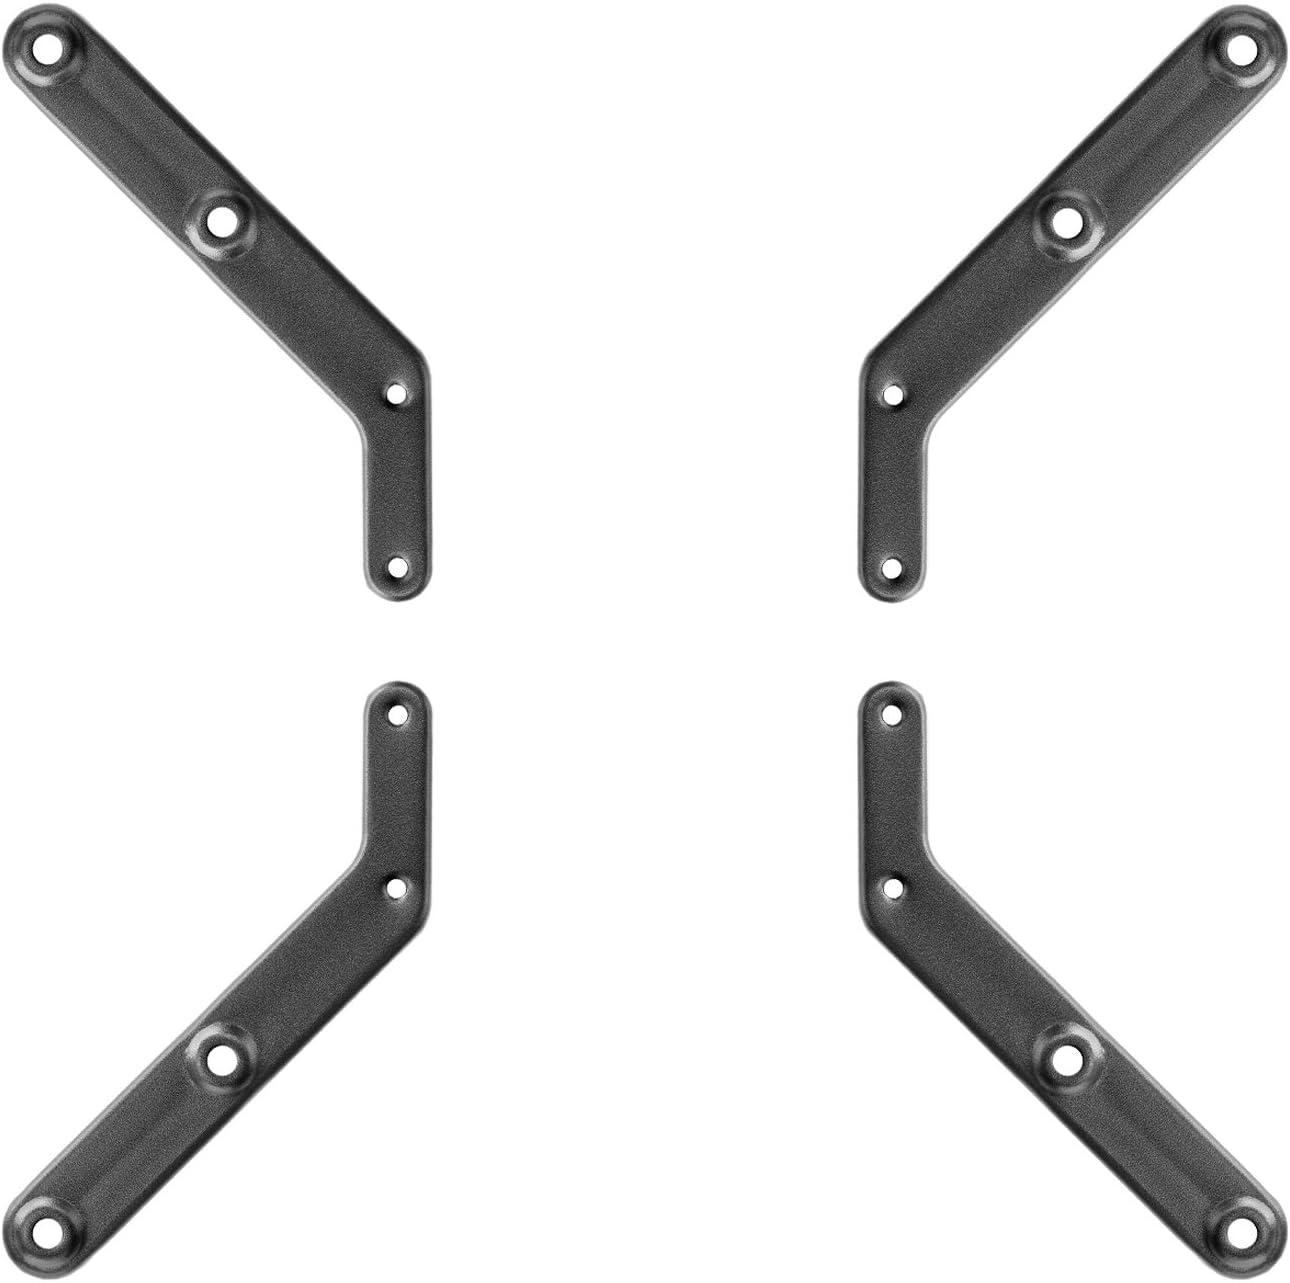 deleyCON Adaptador Universal VESA Extensión para Televisores y Monitores de Pared - hasta 30Kg - de VESA 200x200 a VESA 300x300 400x400